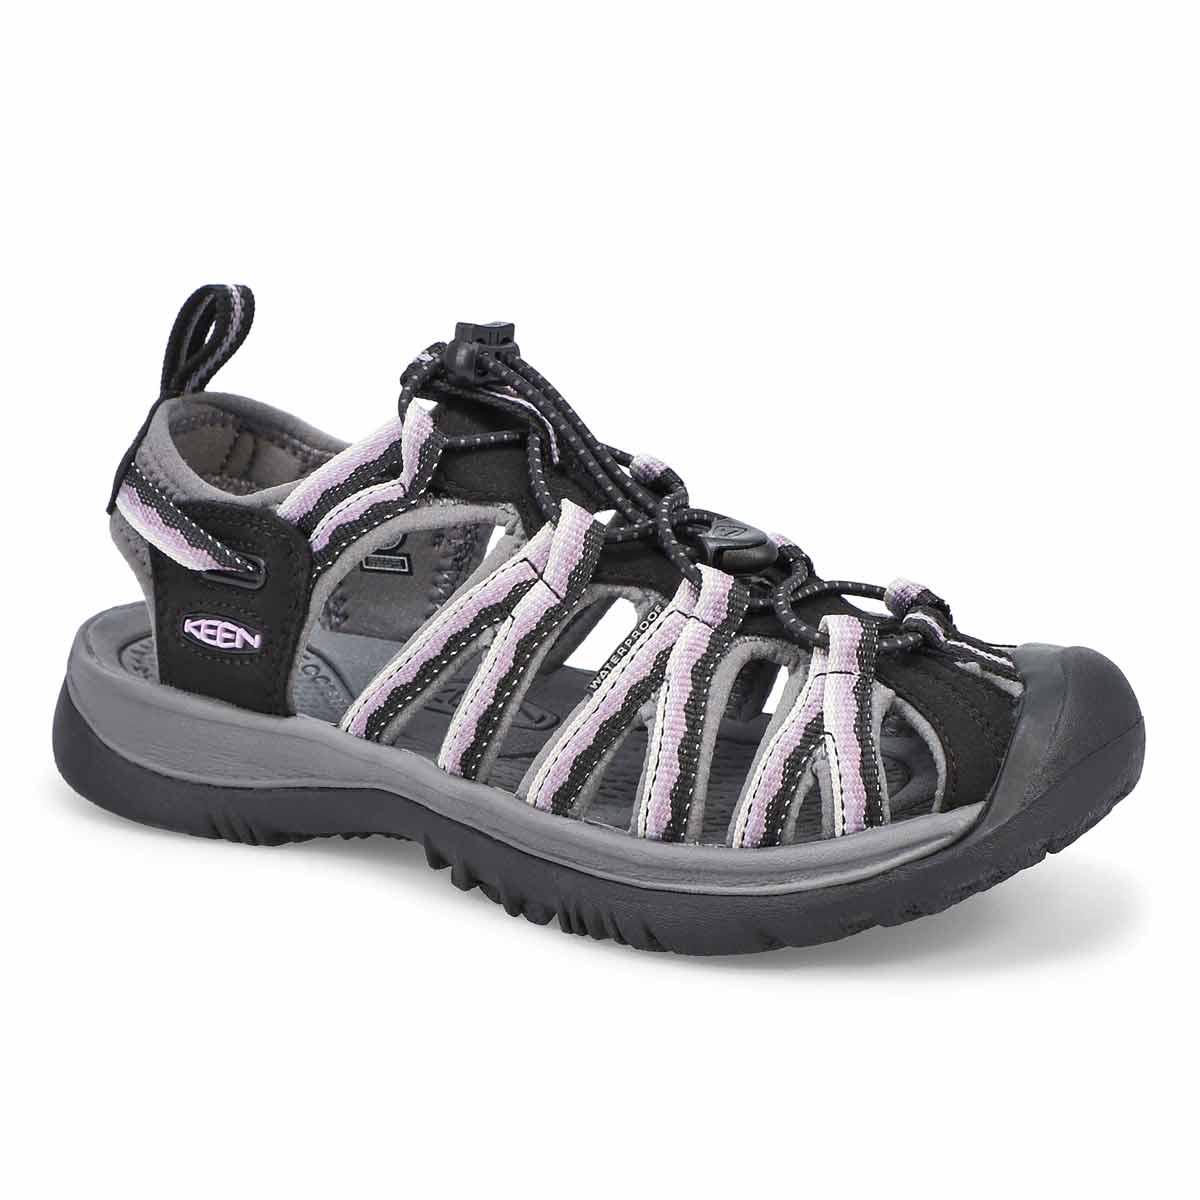 Women's Whisper Sport Sandal - Black/Thistle